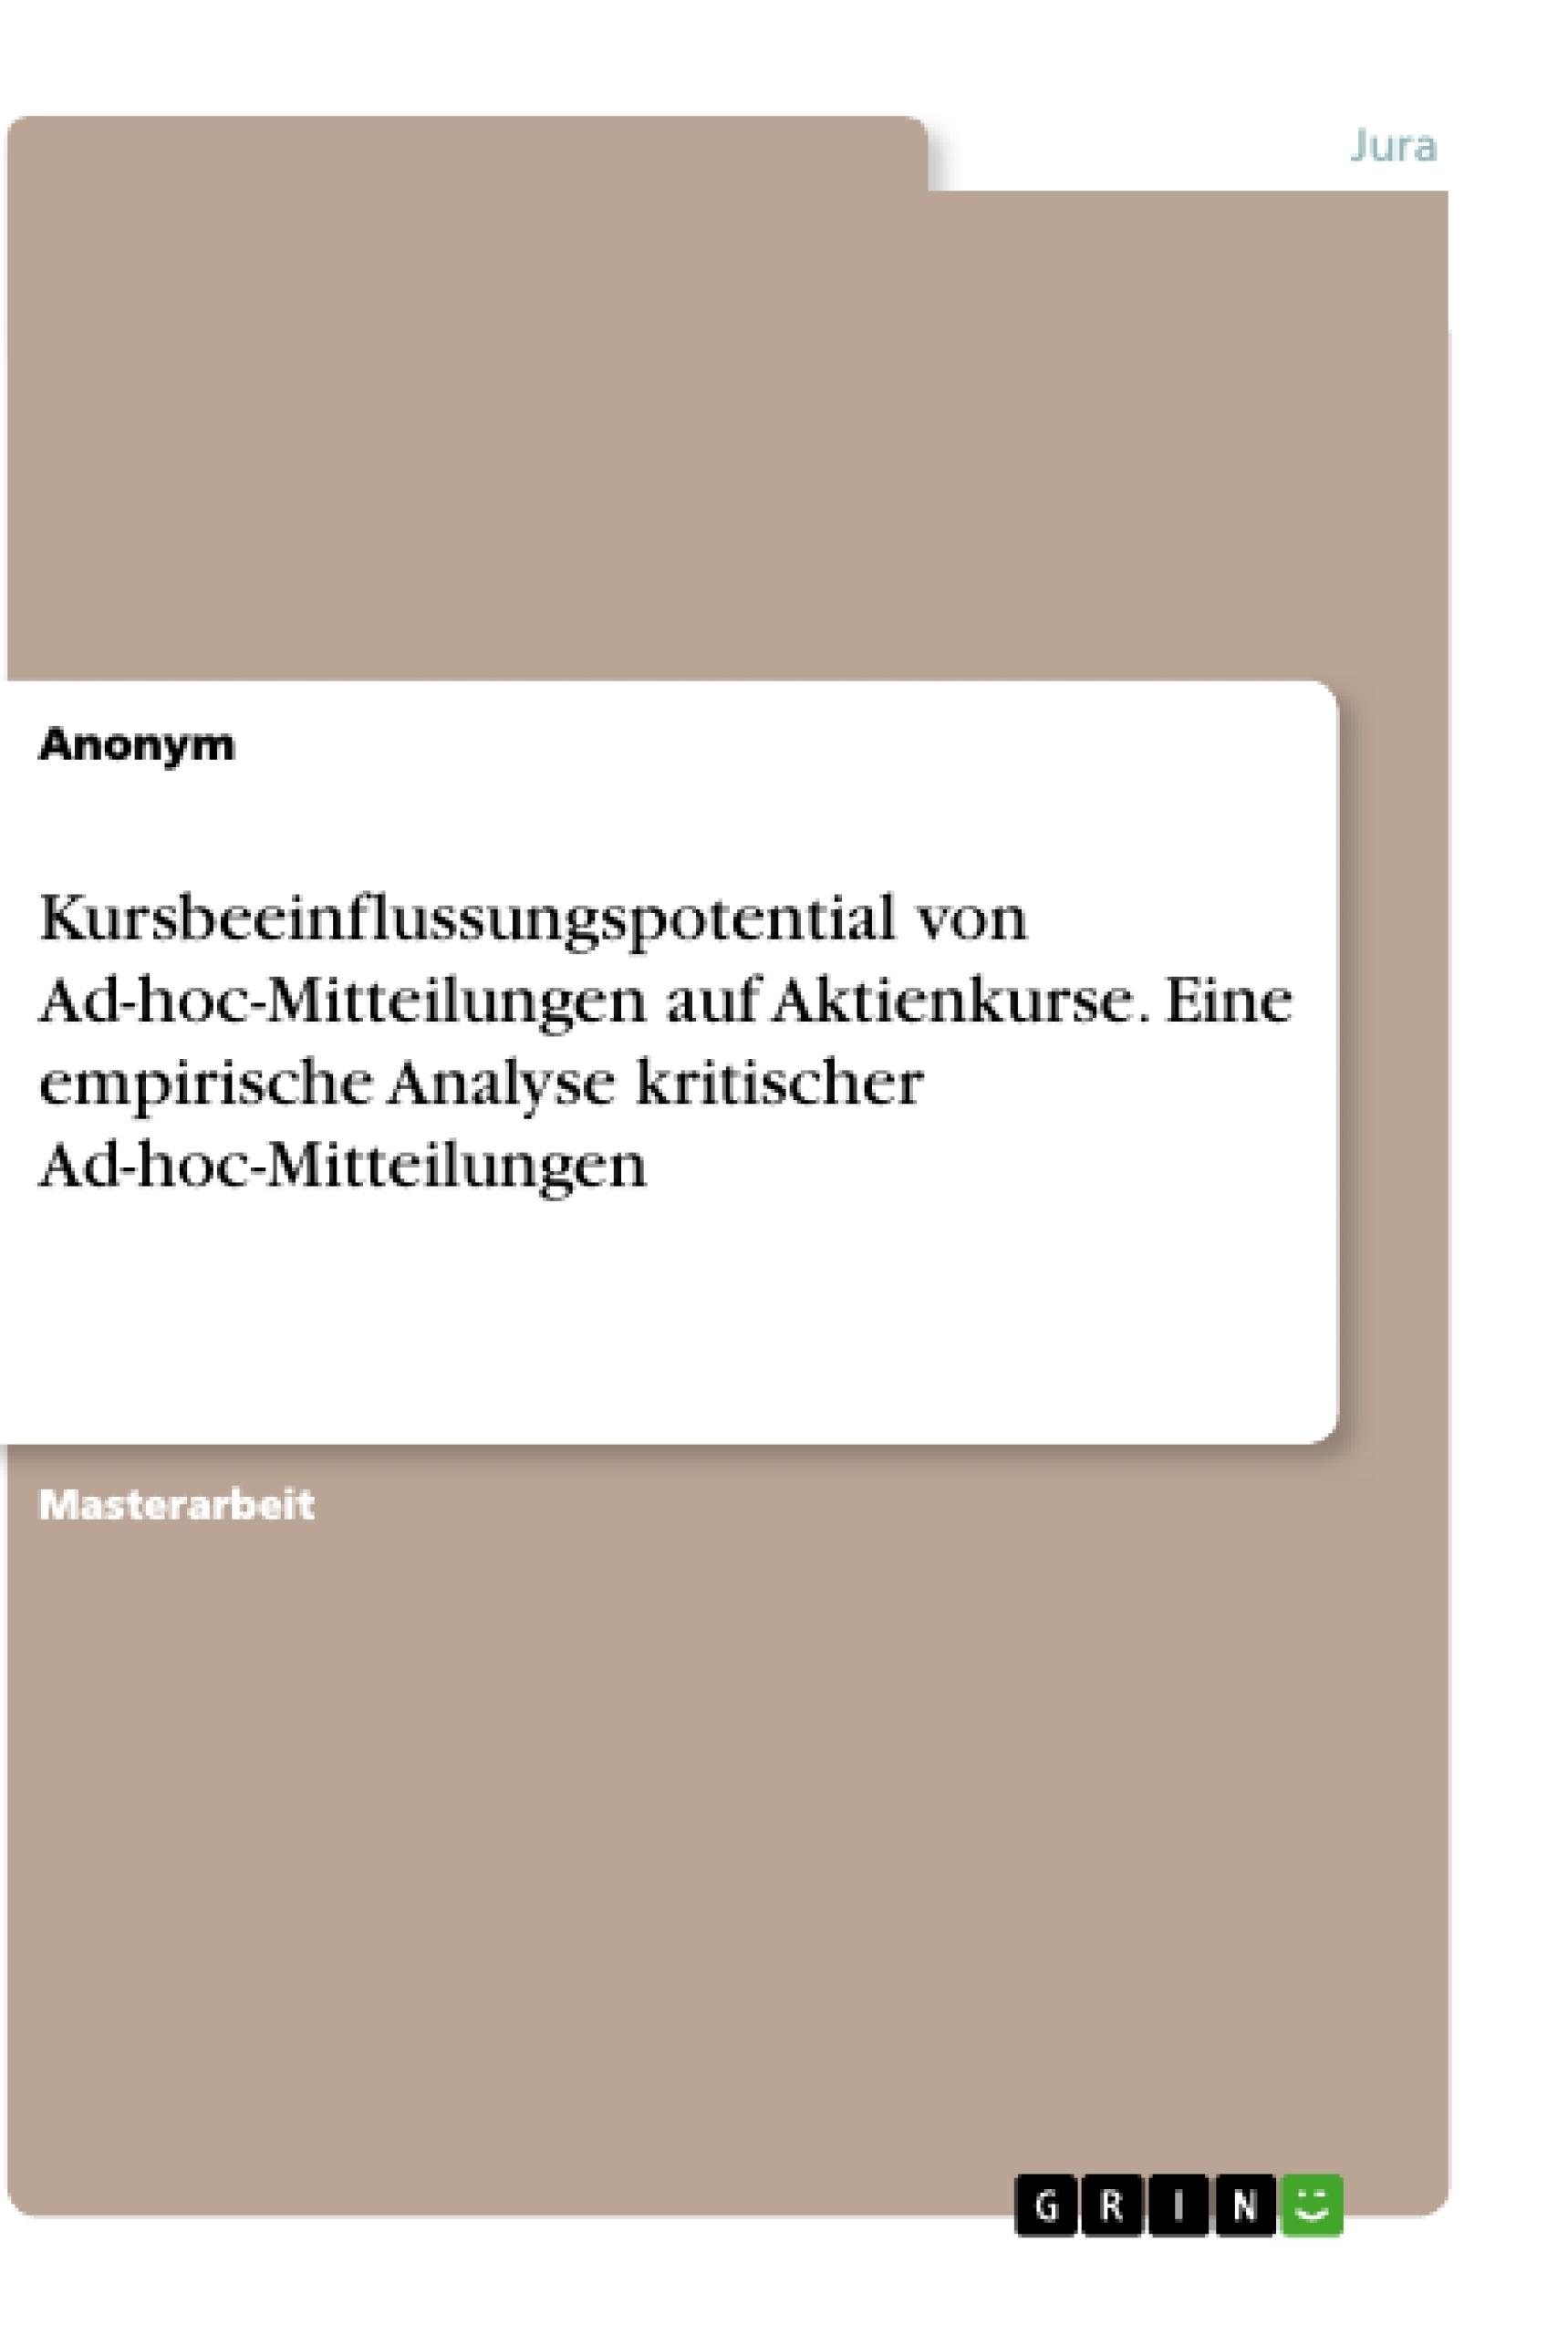 Titel: Kursbeeinflussungspotential von Ad-hoc-Mitteilungen auf Aktienkurse. Eine empirische Analyse kritischer Ad-hoc-Mitteilungen